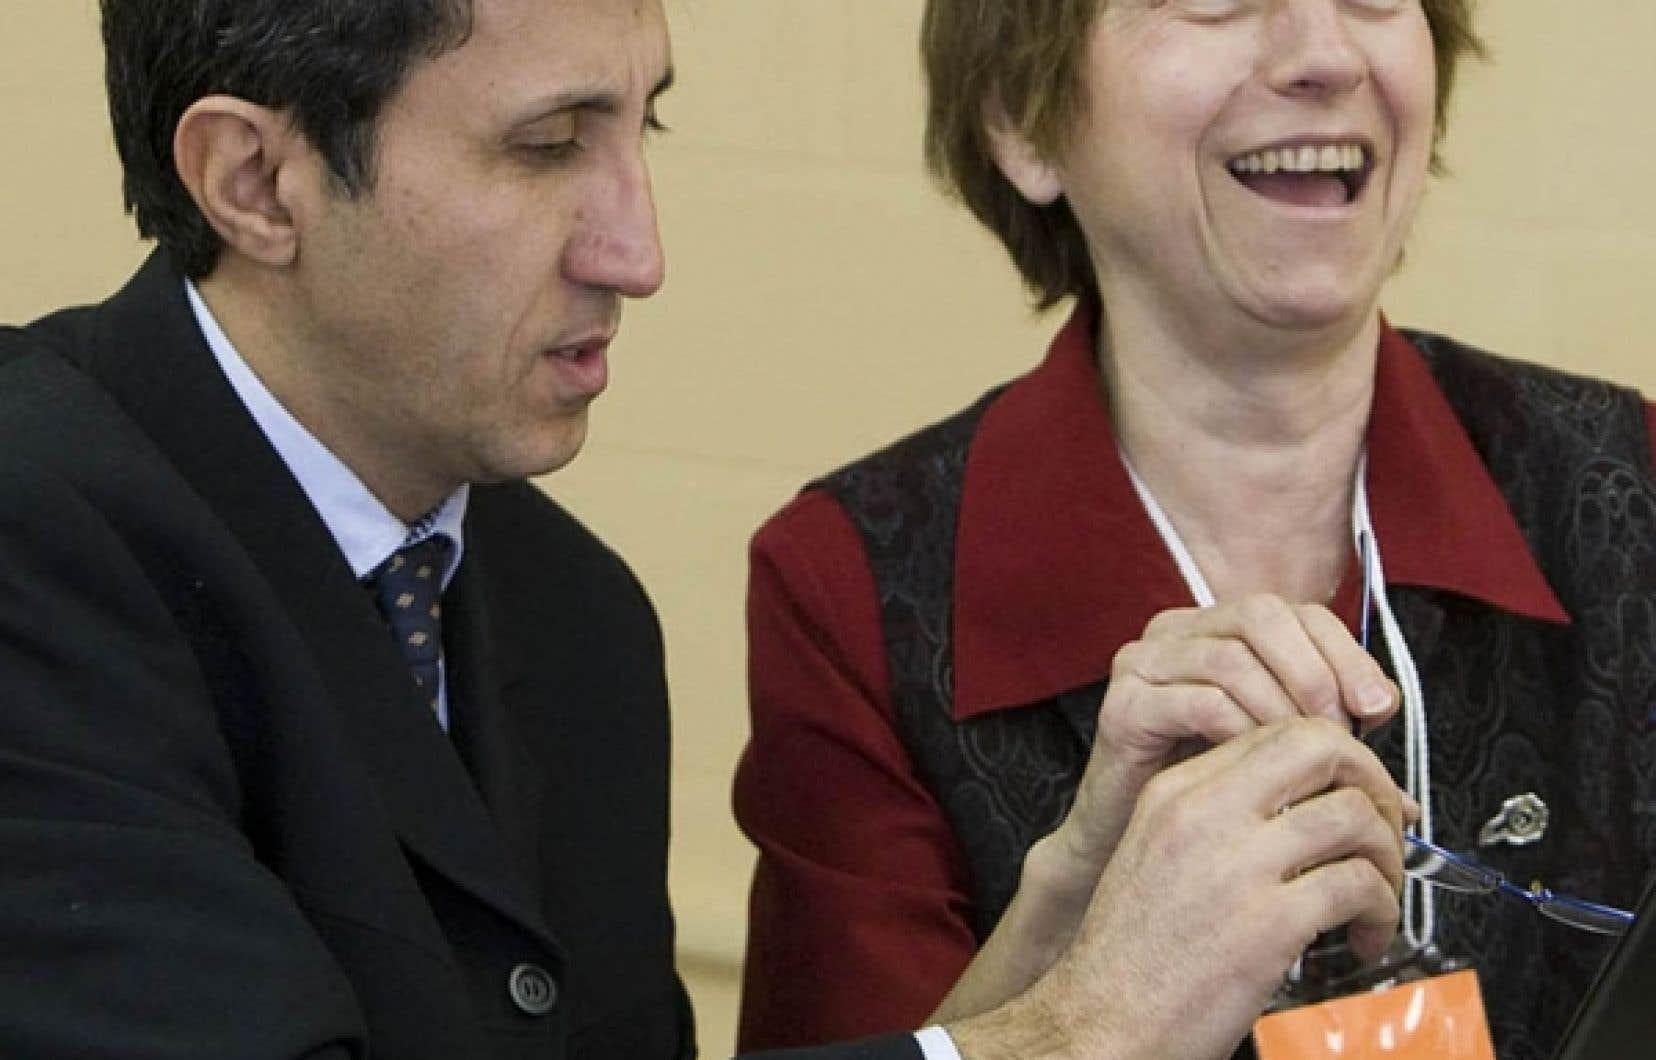 Le congrès de Québec solidaire, qui avait lieu pendant la fin de semaine, avait pour objectif de définir le programme du parti en ce qui a trait à l'économie, à l'écologie et au travail.